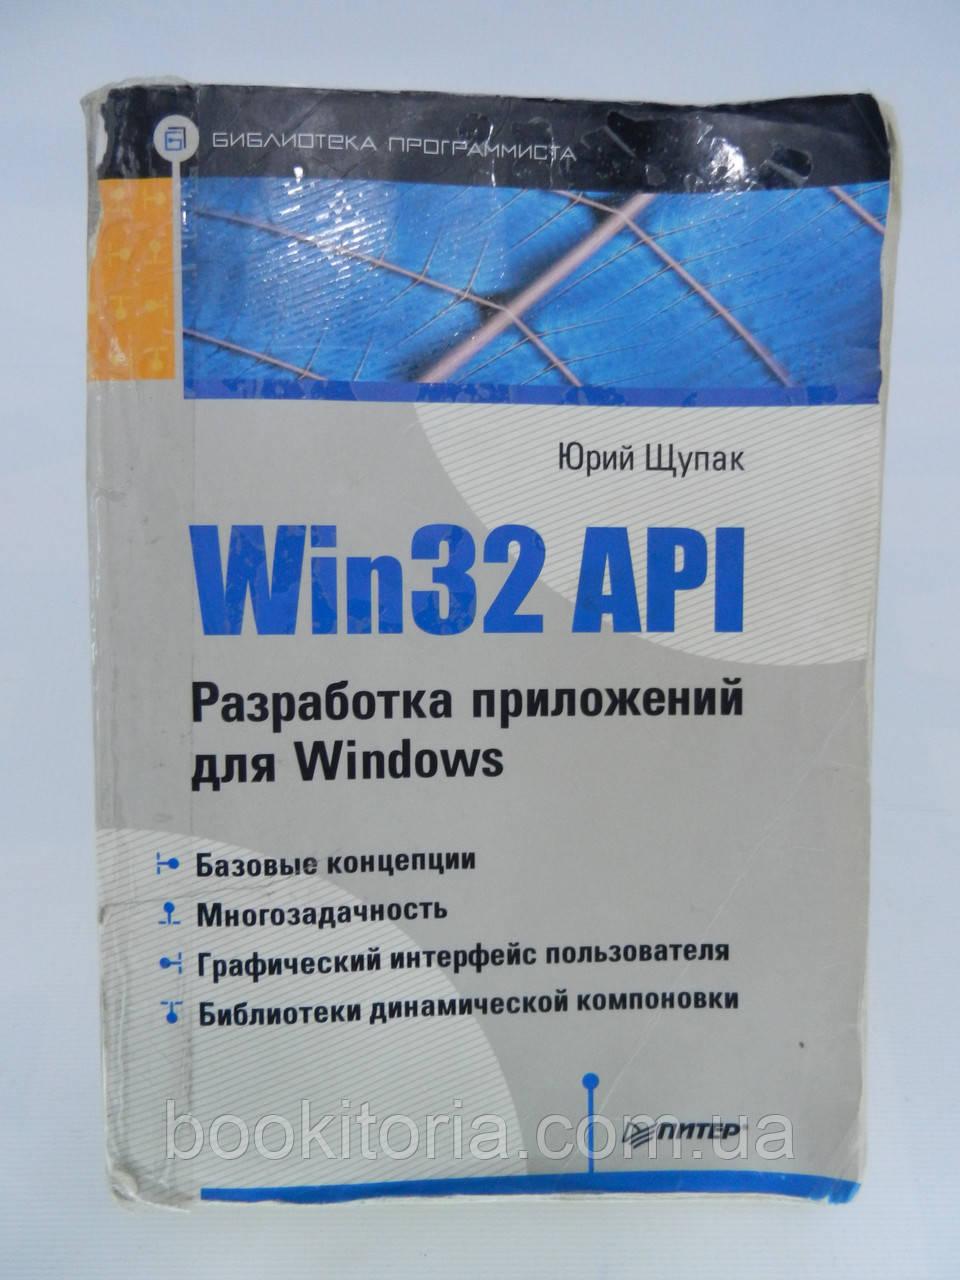 Щупак Ю. Win32 API. Разработка приложений для Windows (б/у)., фото 1